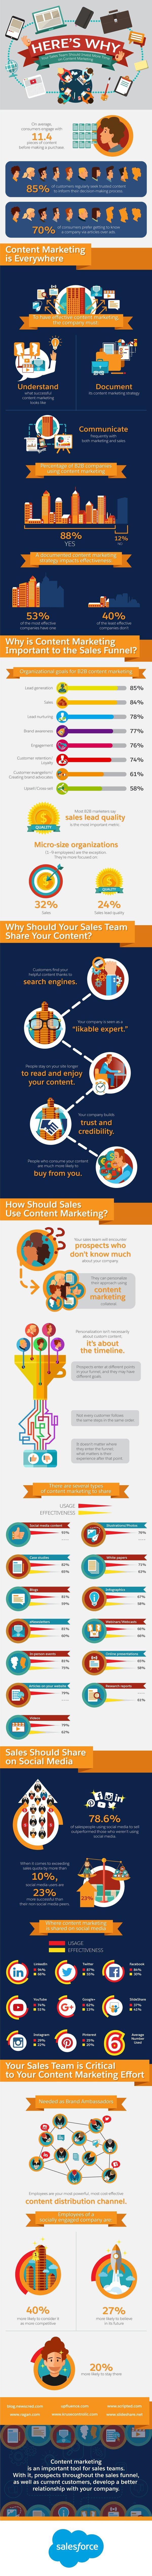 content-marketing-final.jpg